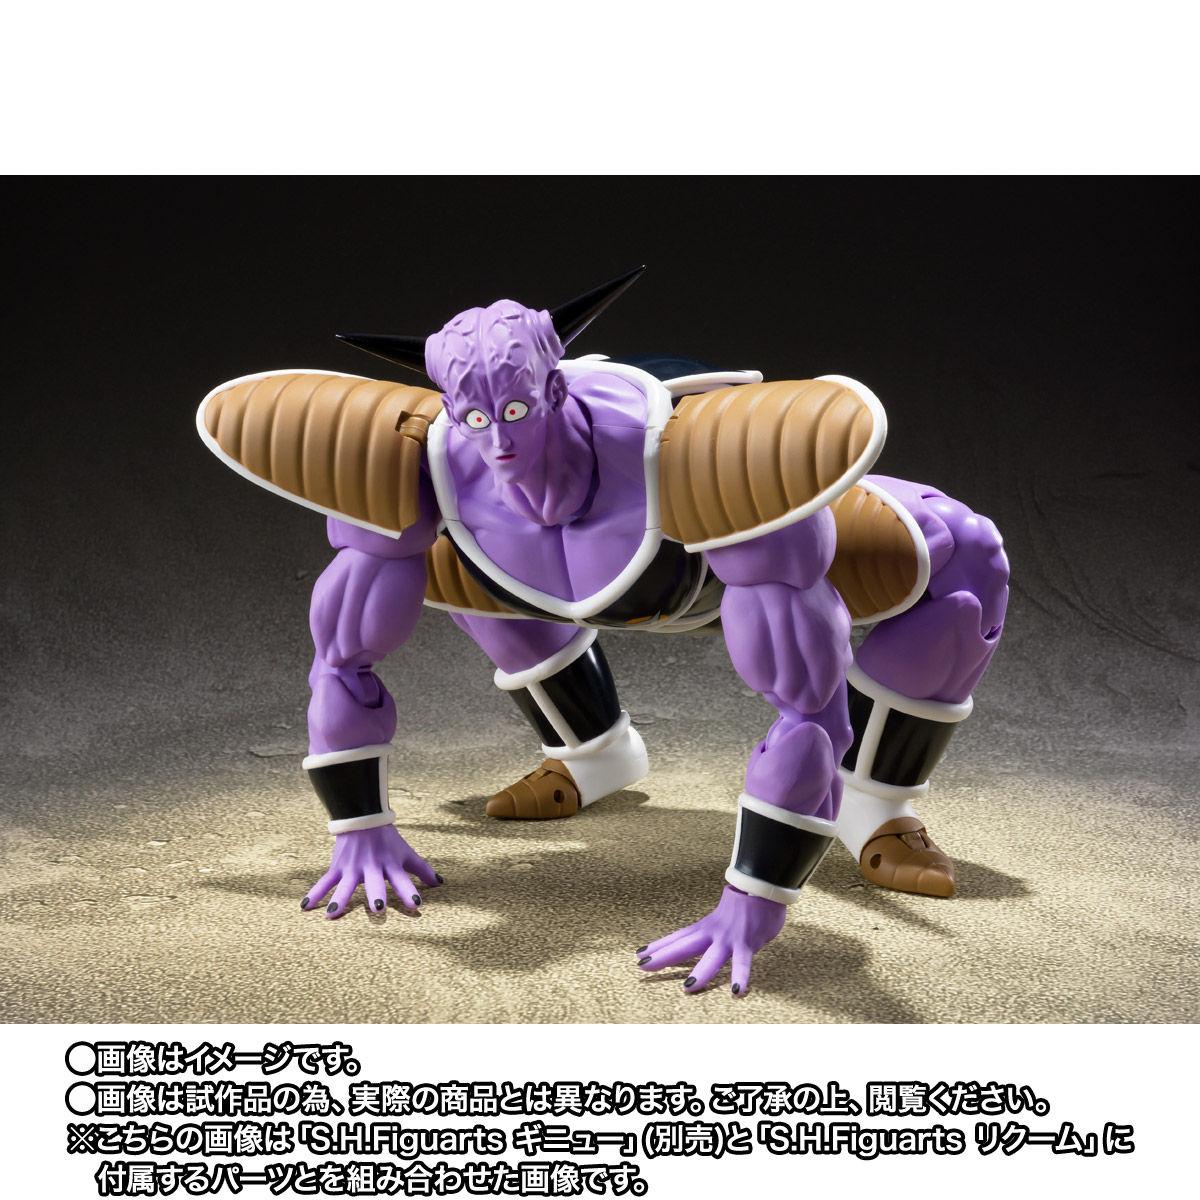 【限定販売】S.H.Figuarts『リクーム』ドラゴンボールZ 可動フィギュア-008